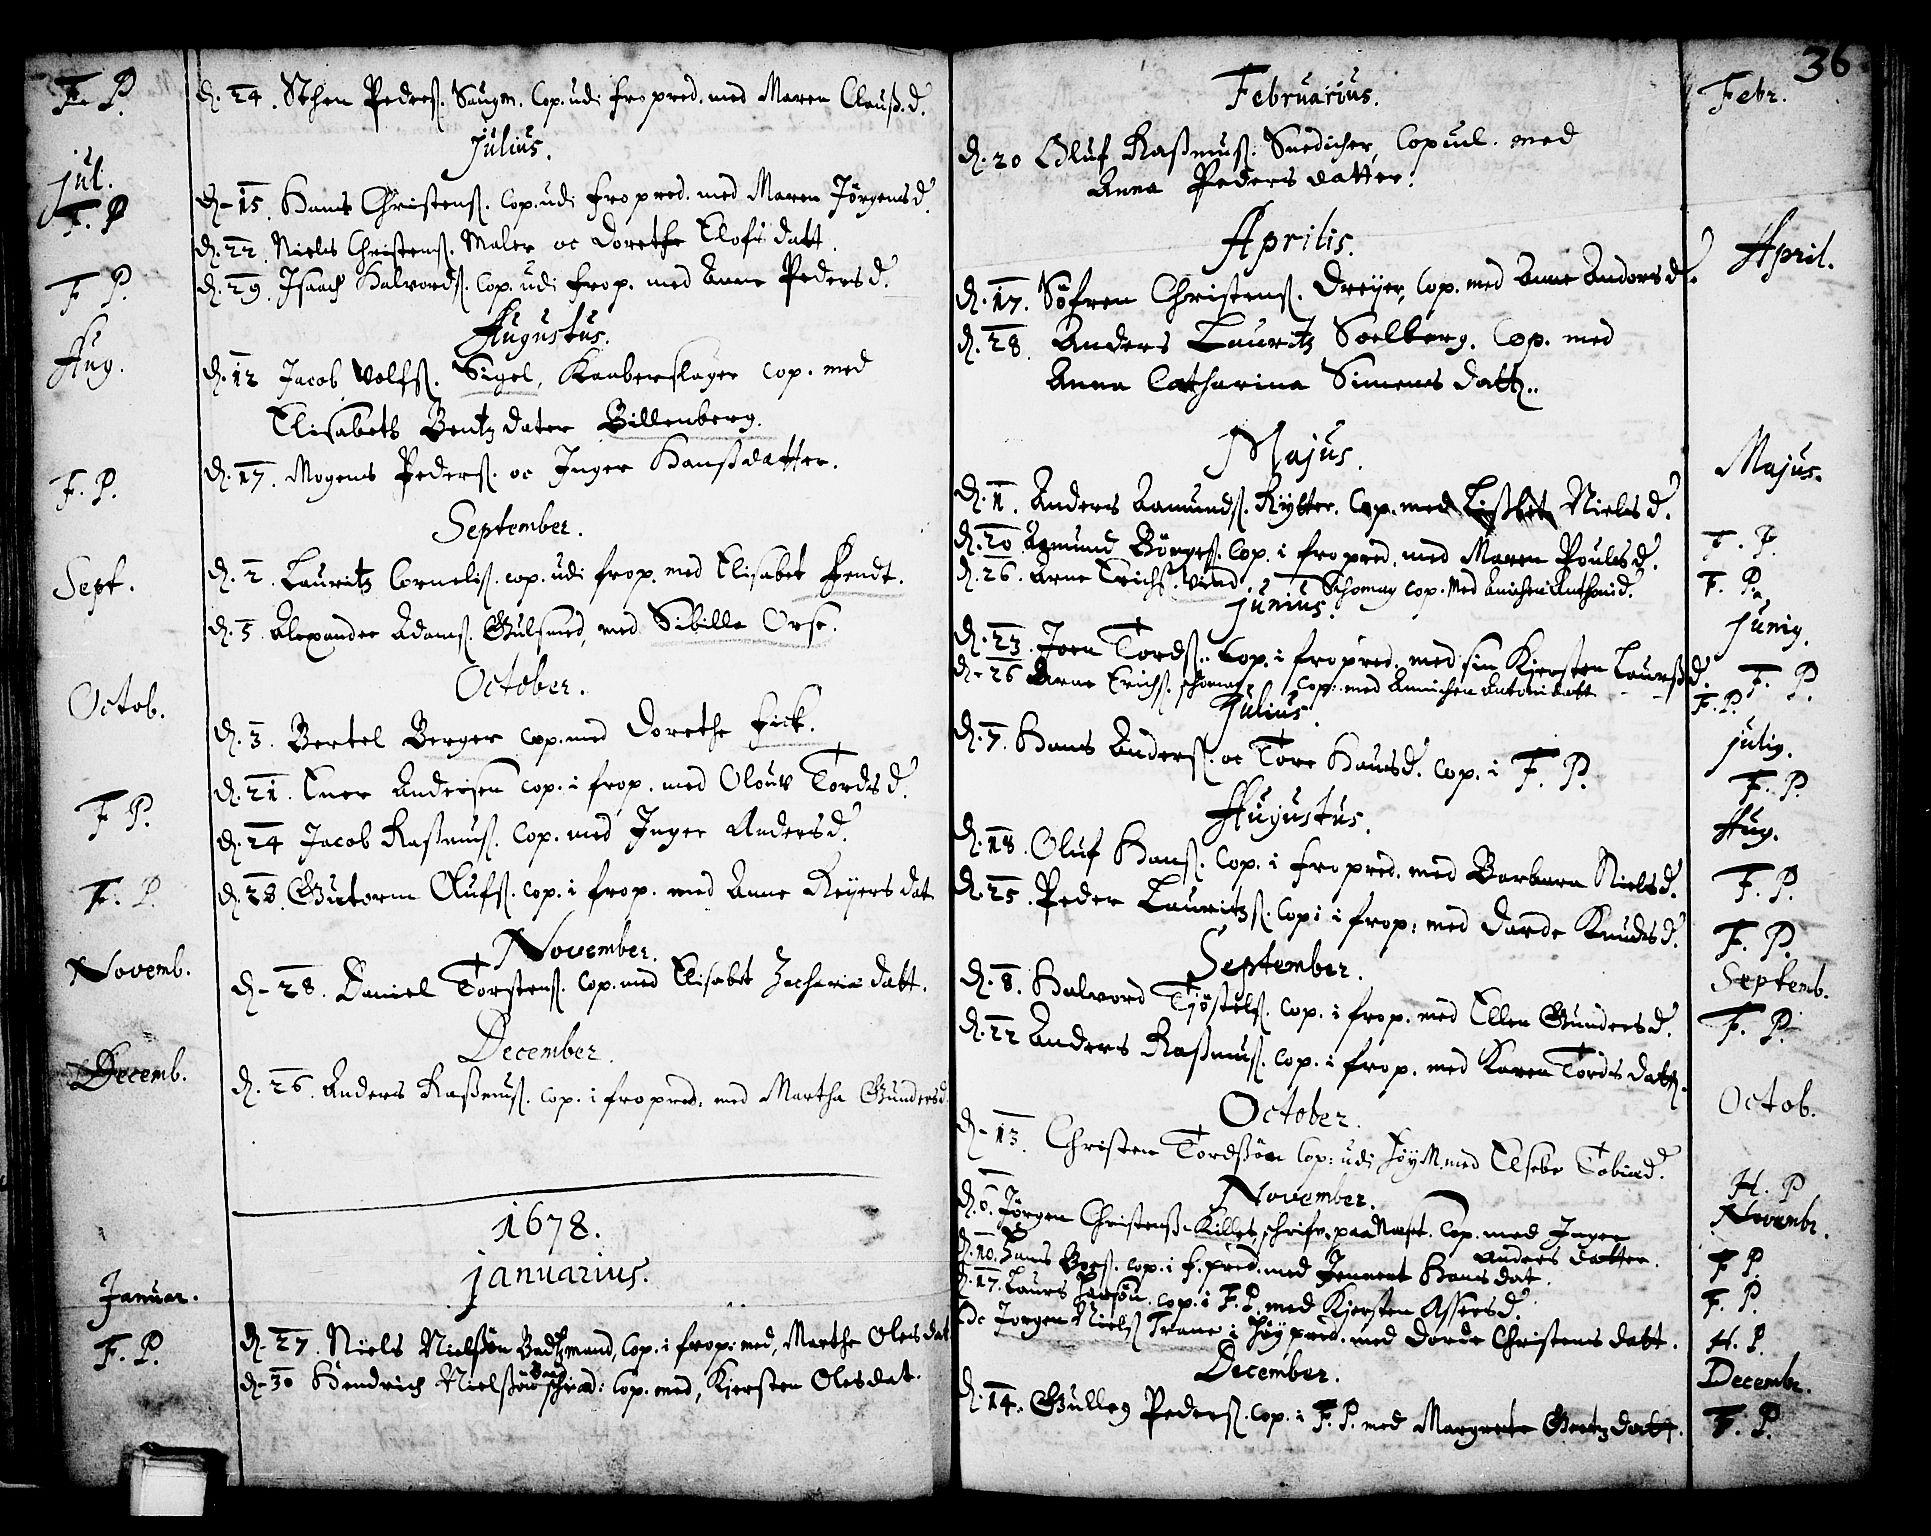 SAKO, Skien kirkebøker, F/Fa/L0001: Ministerialbok nr. 1, 1659-1679, s. 36